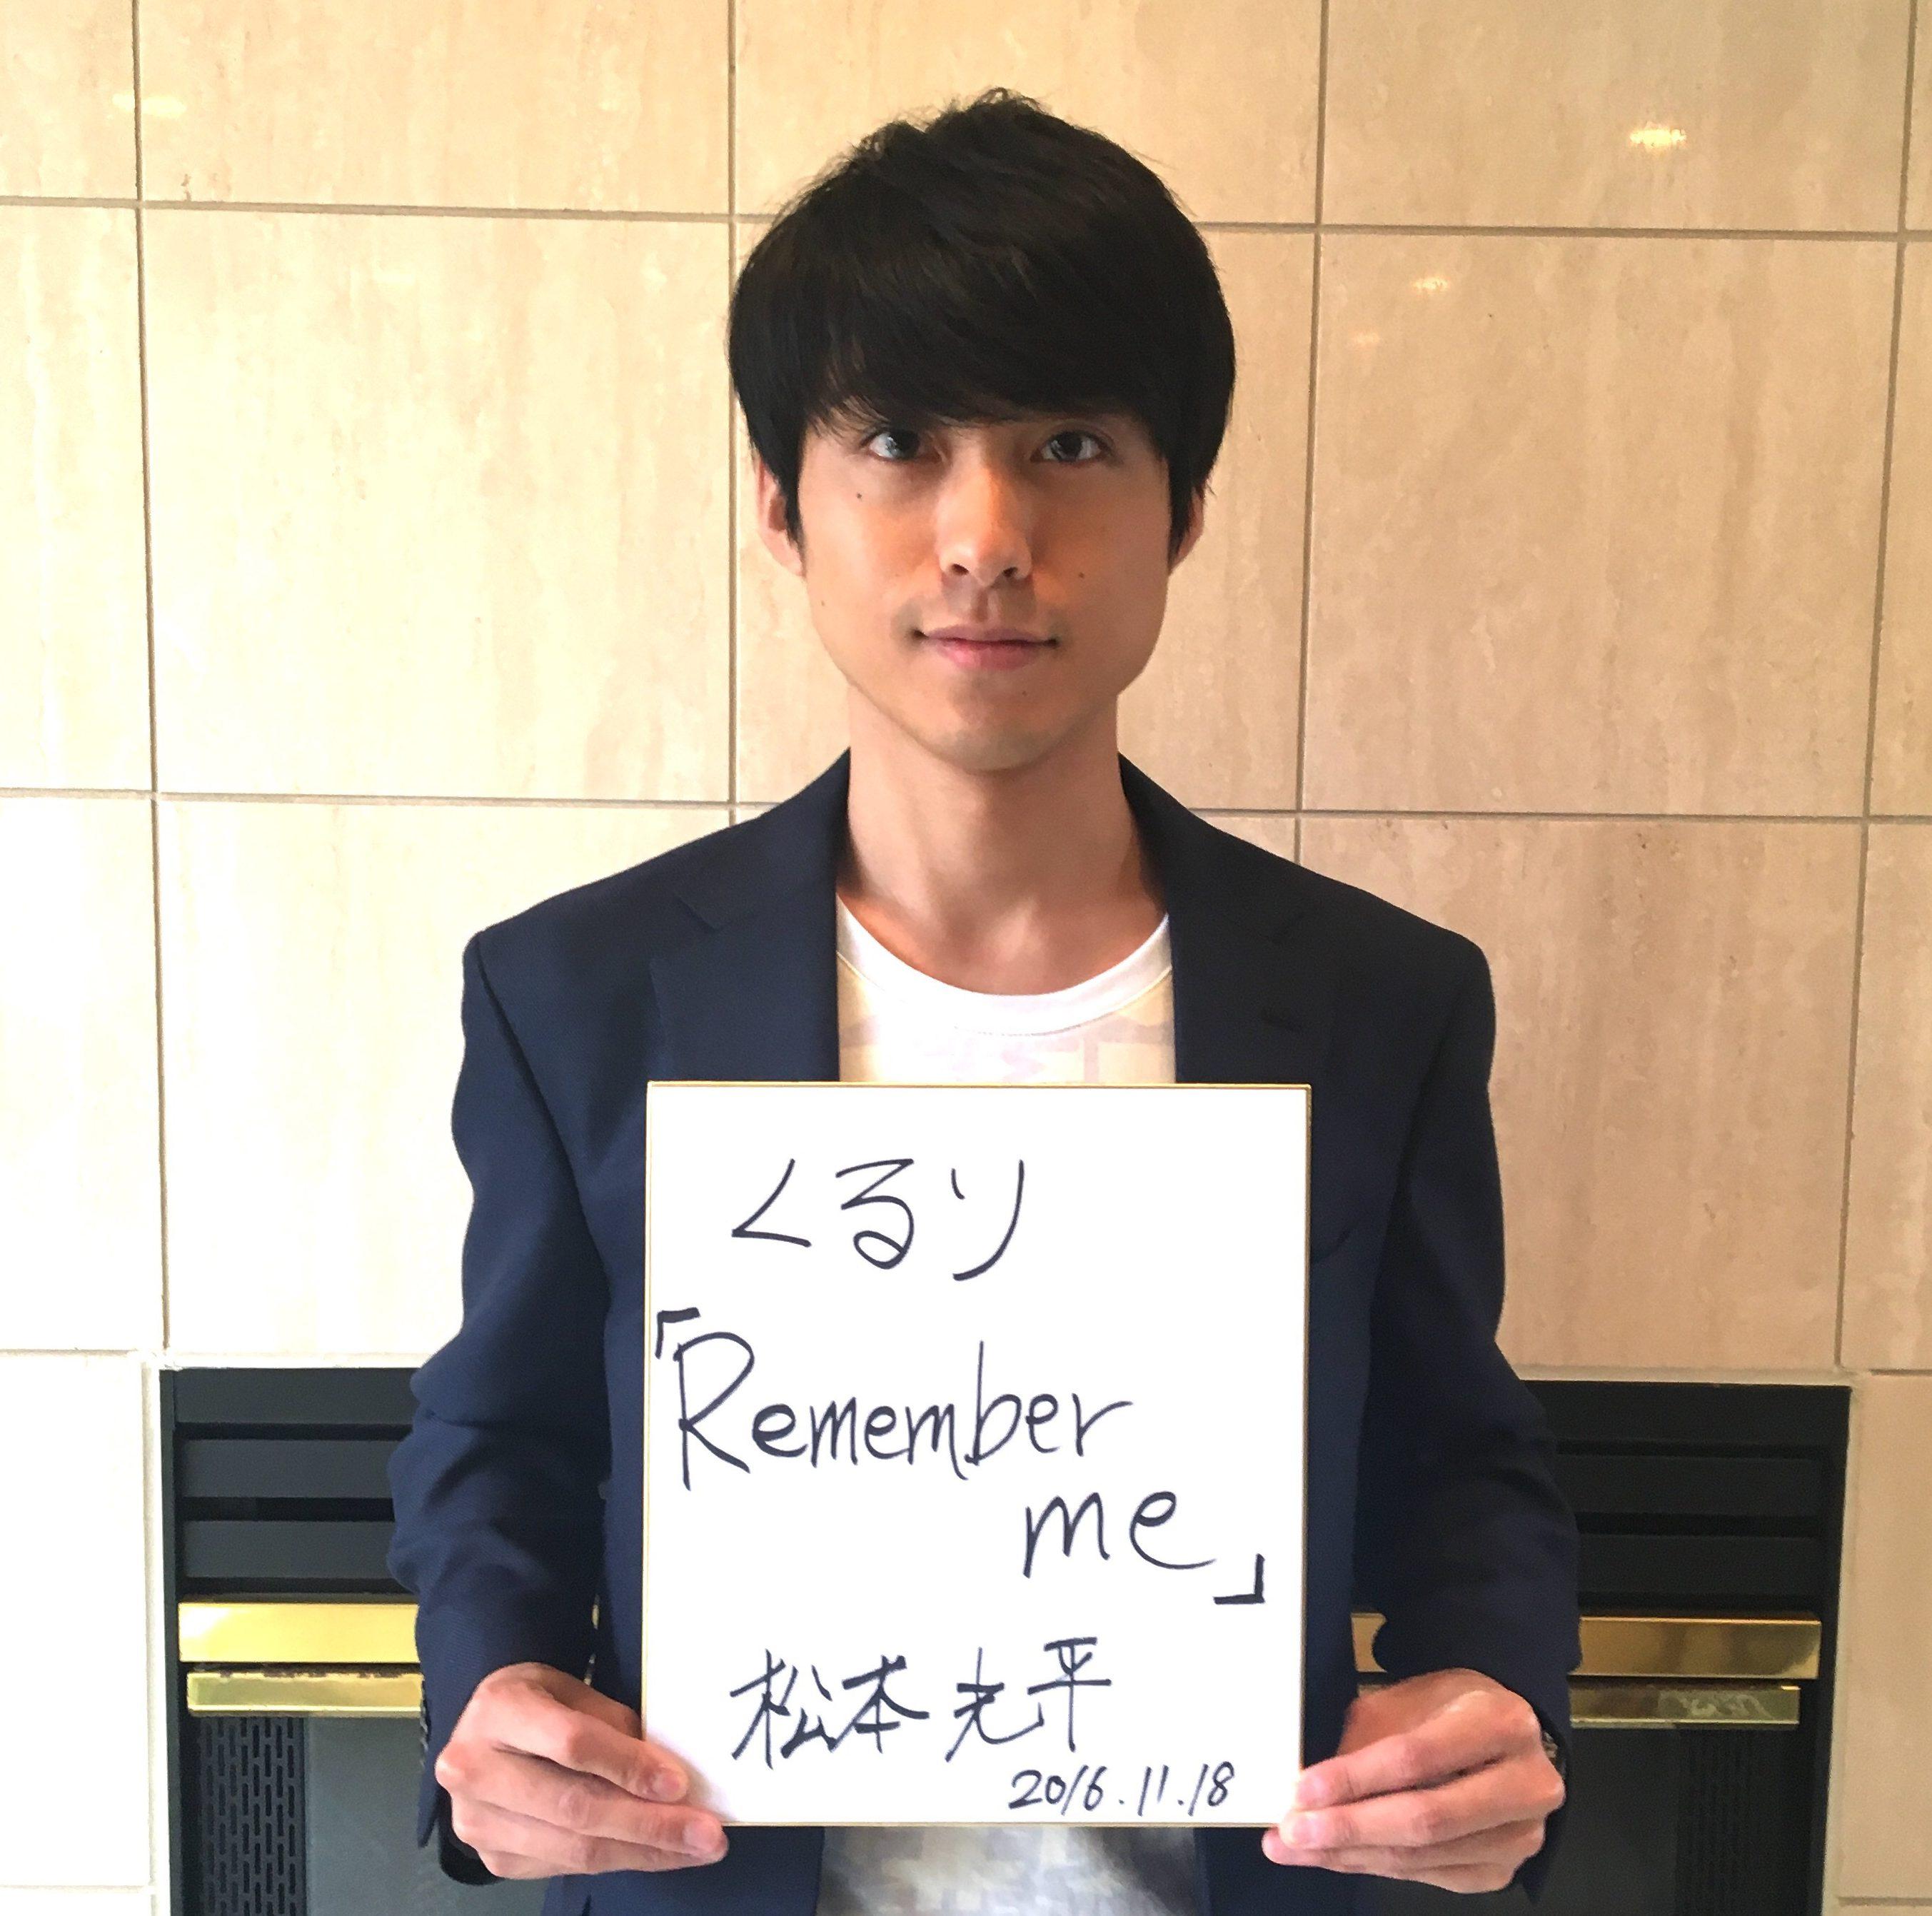 私の泣きうた] No.7 : 松本光平 〜Remember me(くるり)〜 – ナキフェス